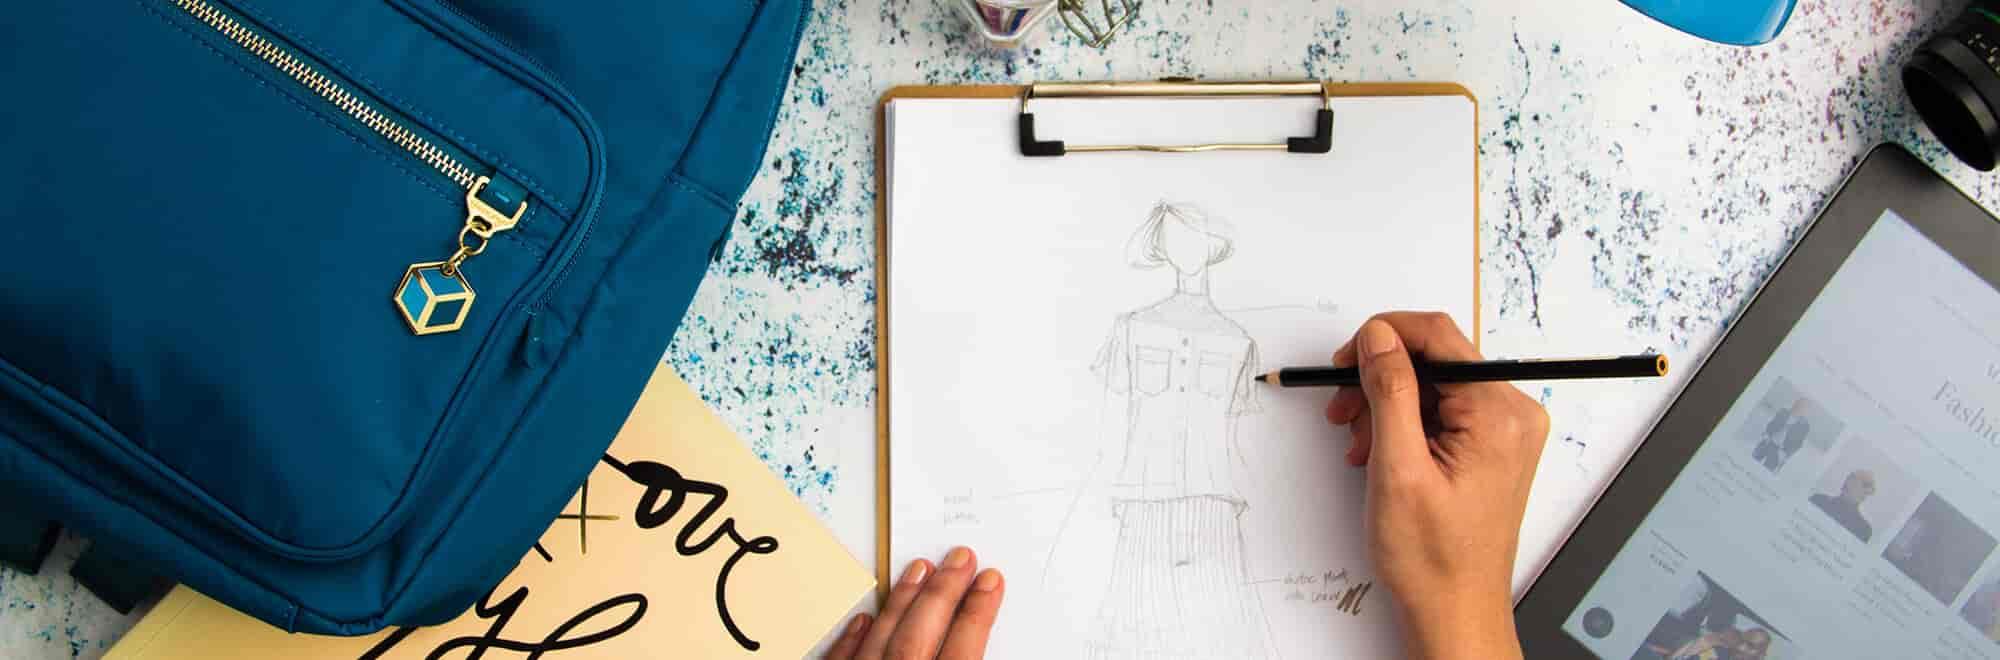 ¿Te apasiona la moda? Esto es lo que puedes estudiar